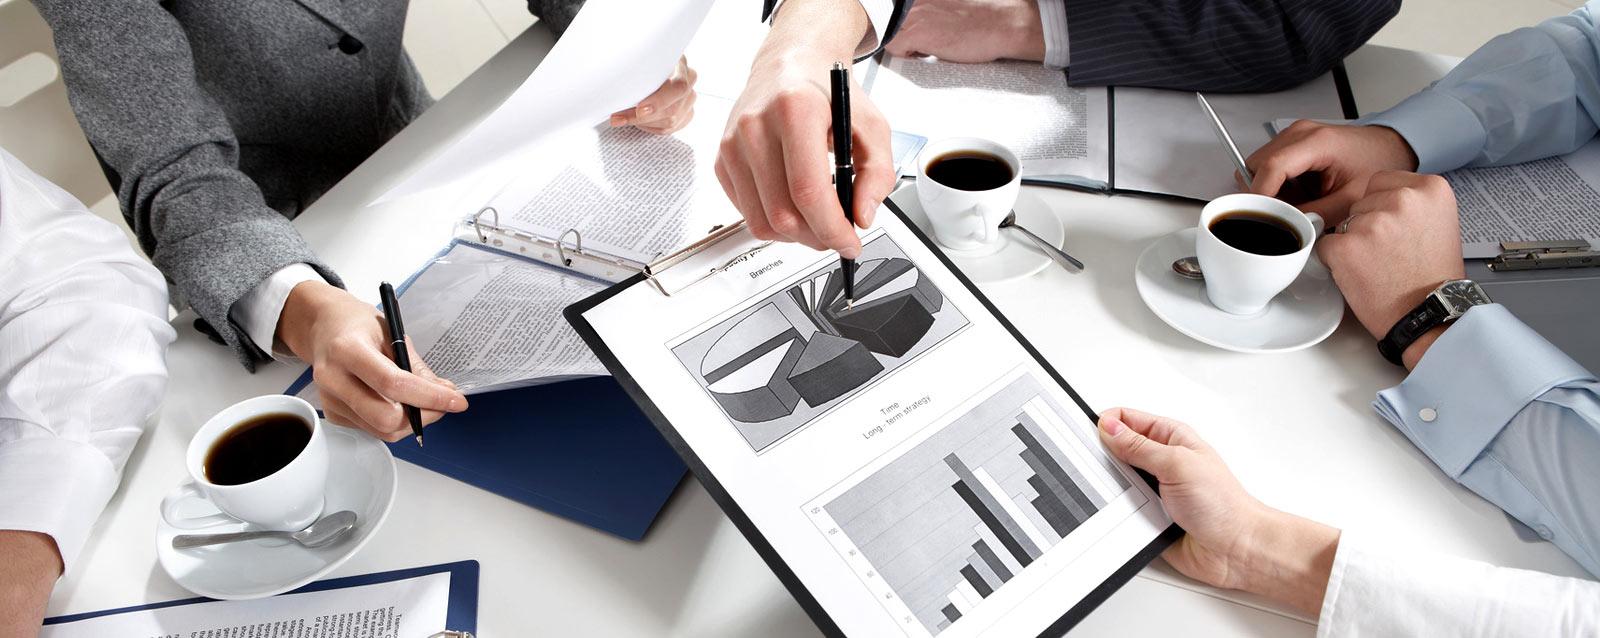 Những giải pháp lựa chọn sản phẩm cho đầu tư tài chính, đầu tư chứng khoán